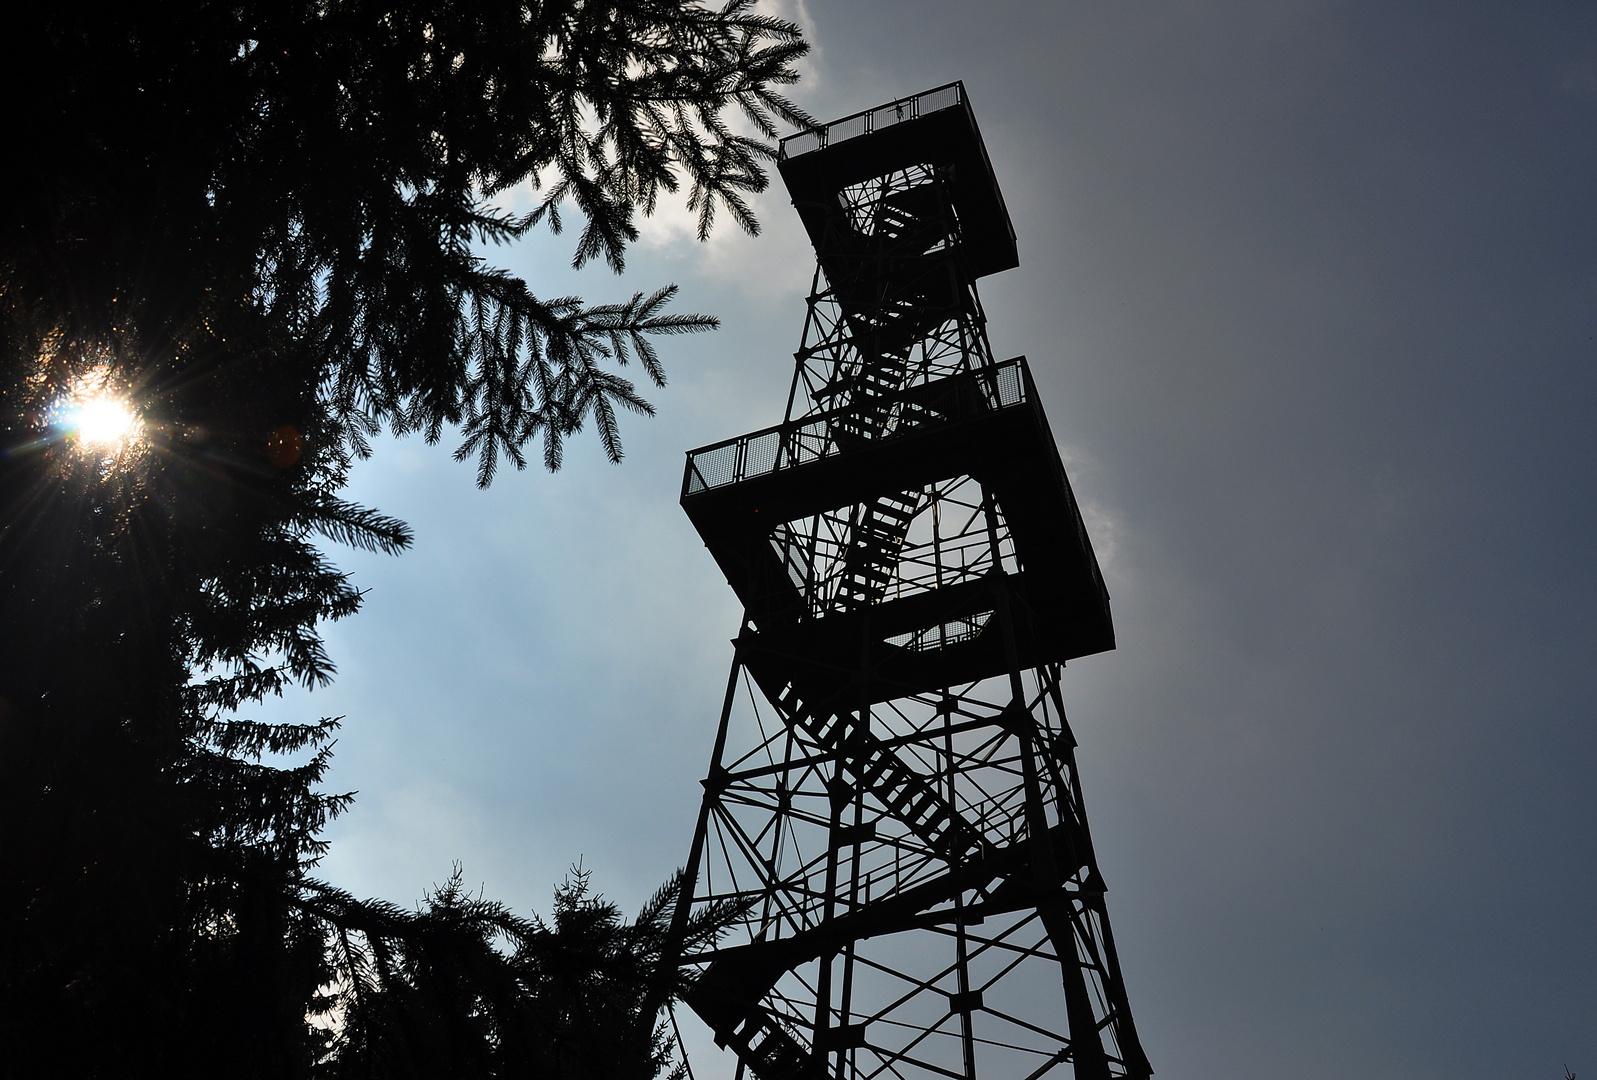 Der Turm auf dem Poppenberg